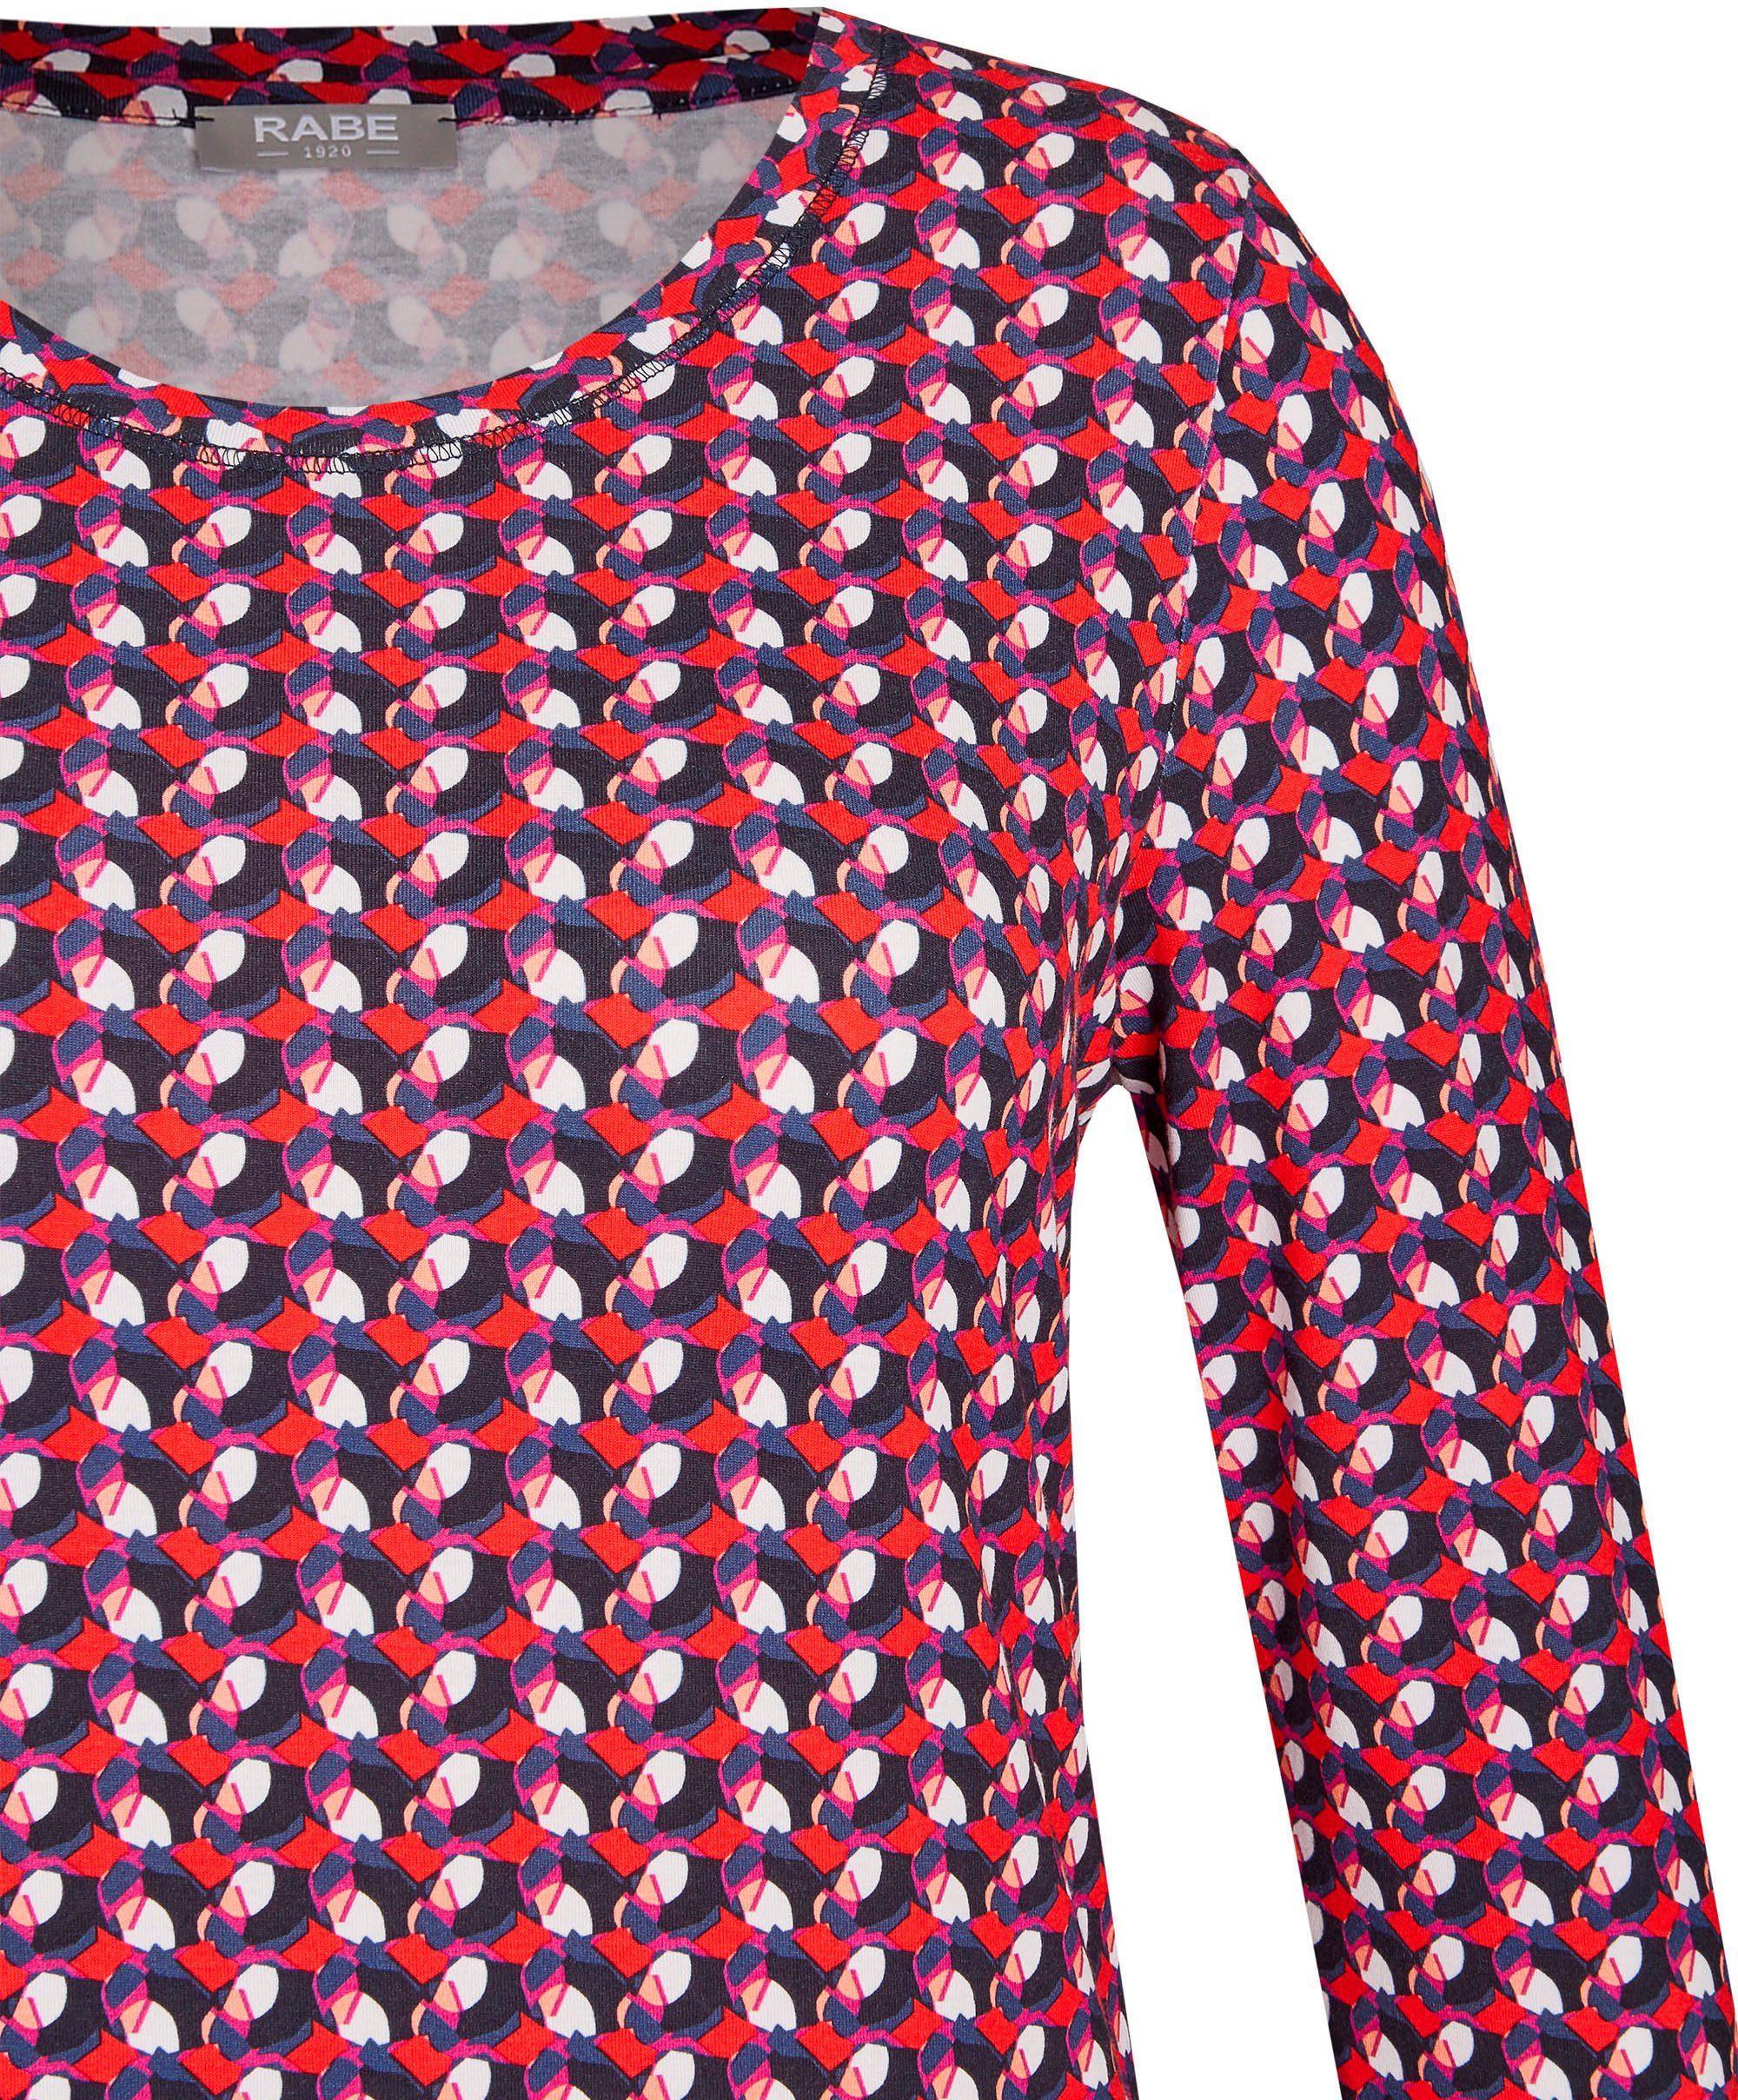 Rabe Print-shirt Mit Minimal-druck Allover Bedrucktes Shirt Von Online Kaufen